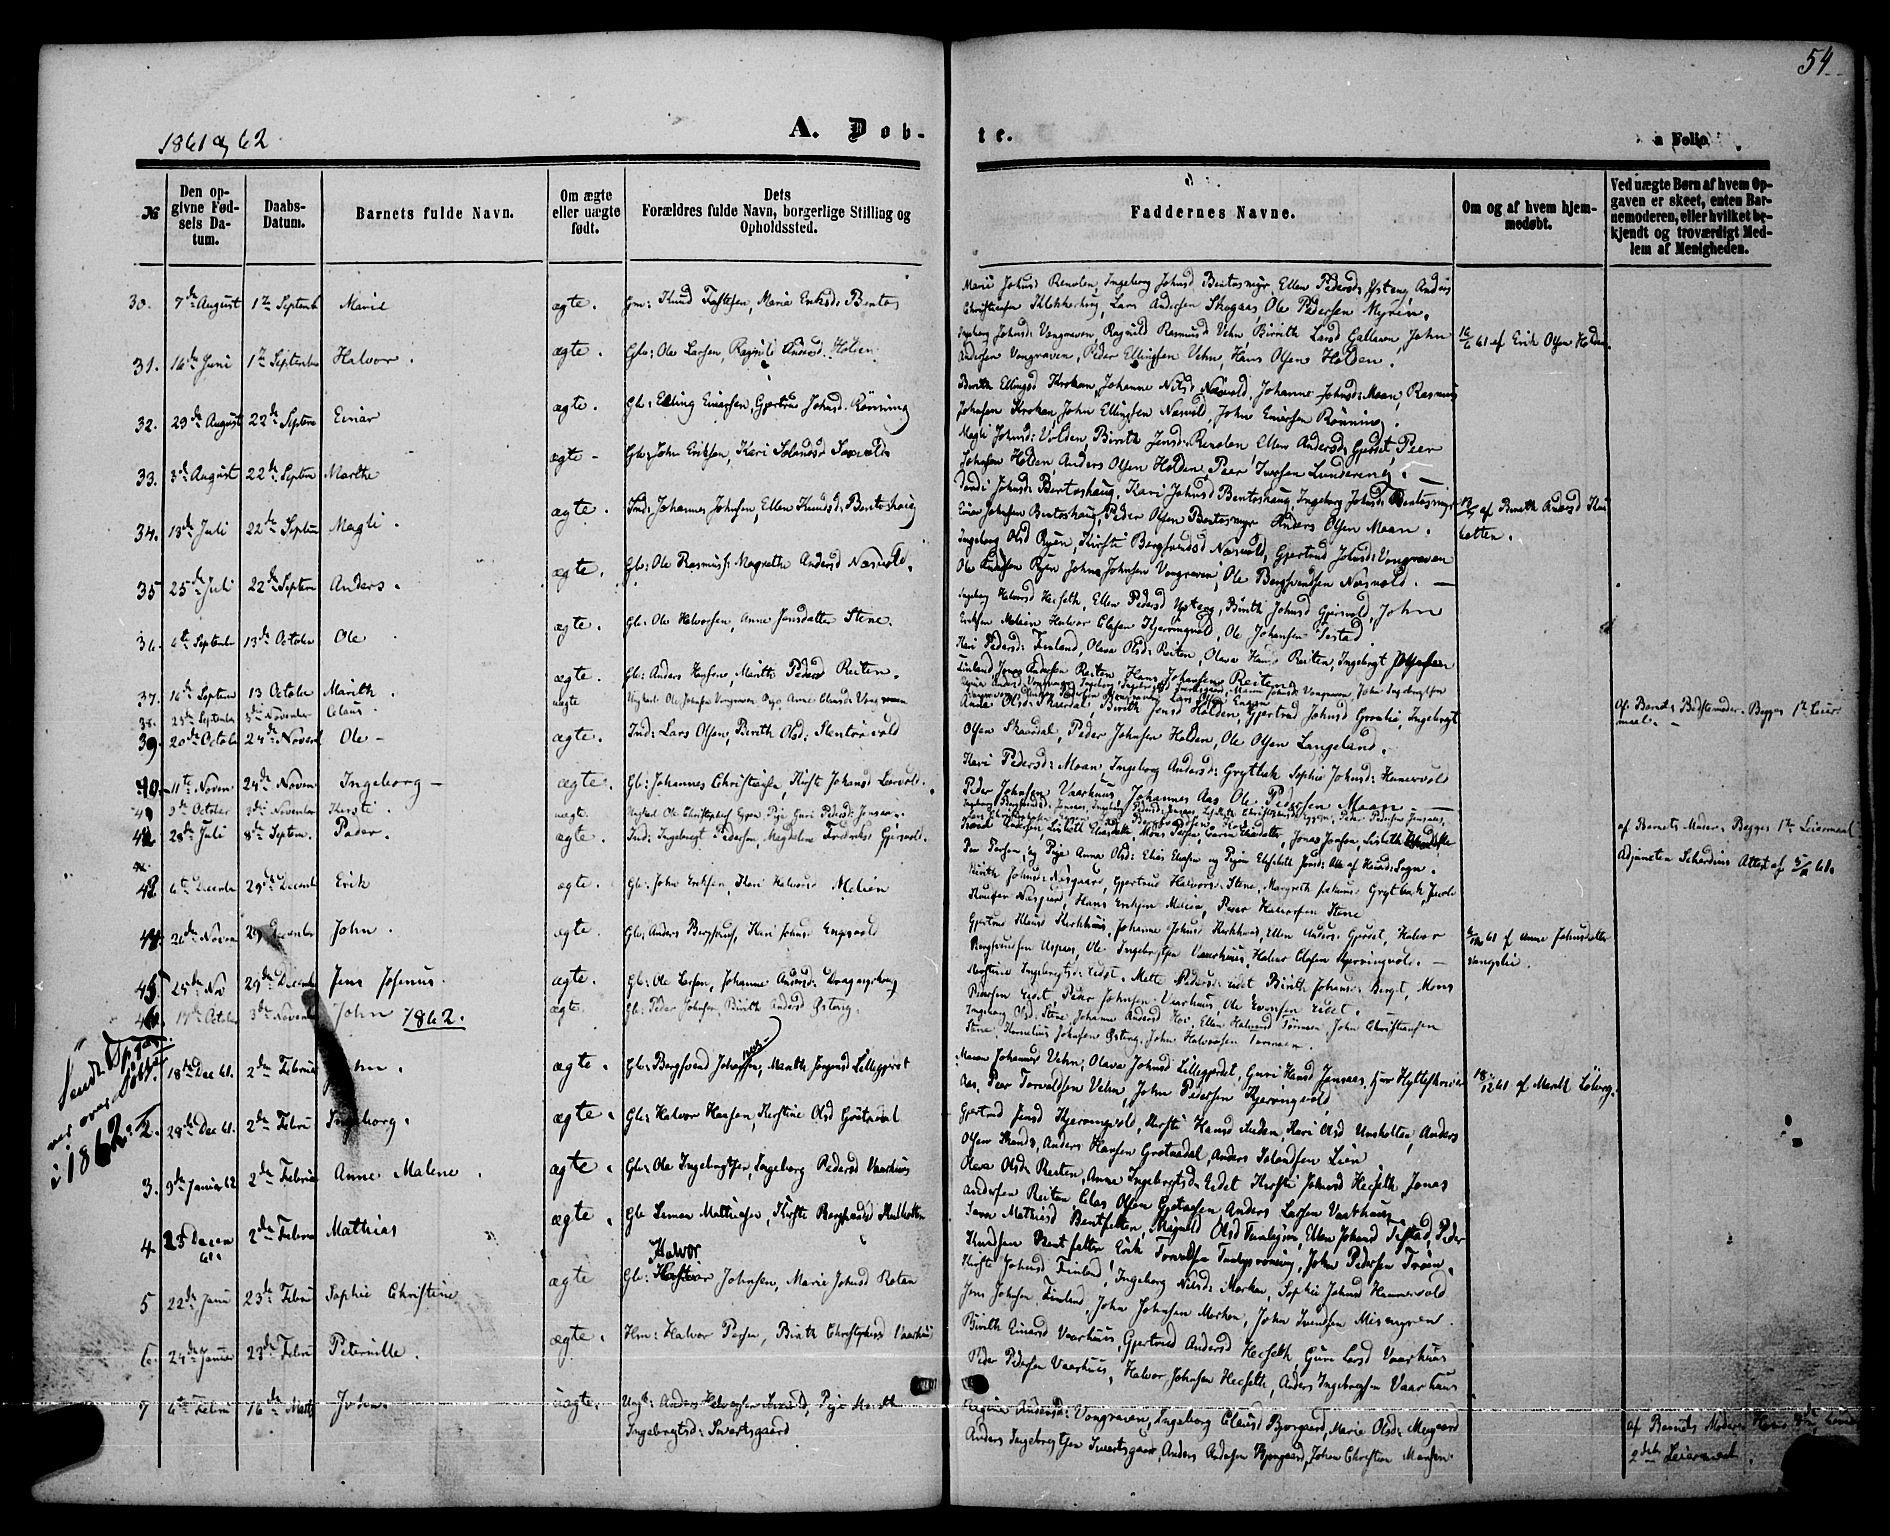 SAT, Ministerialprotokoller, klokkerbøker og fødselsregistre - Sør-Trøndelag, 685/L0968: Ministerialbok nr. 685A07 /3, 1860-1869, s. 54